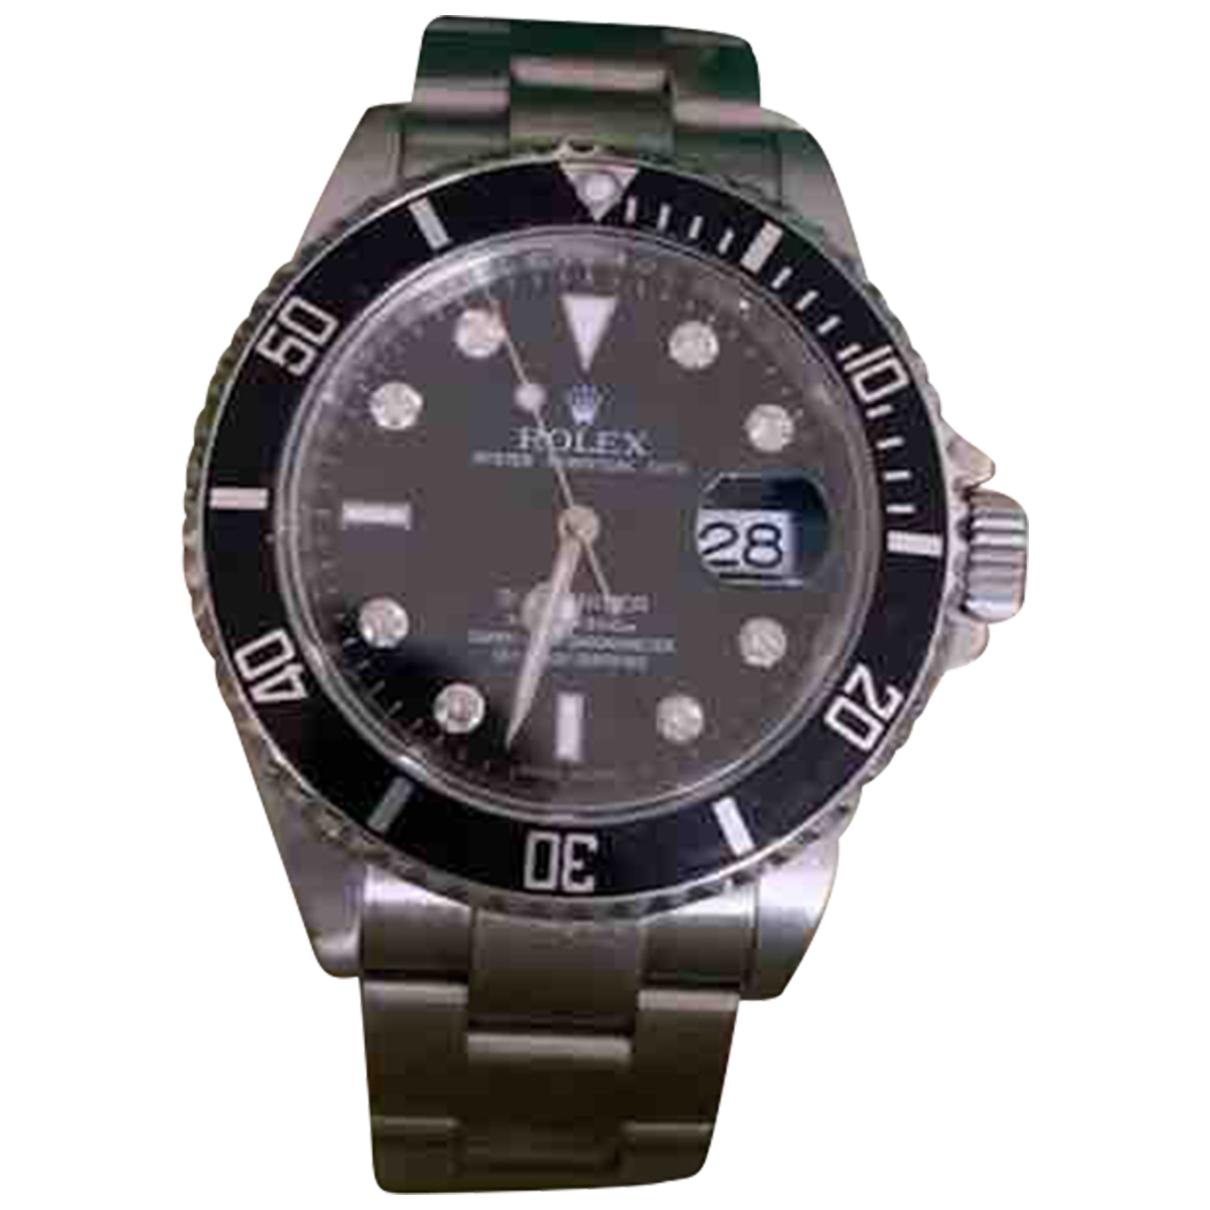 Rolex Submariner Uhr in  Silber Stahl